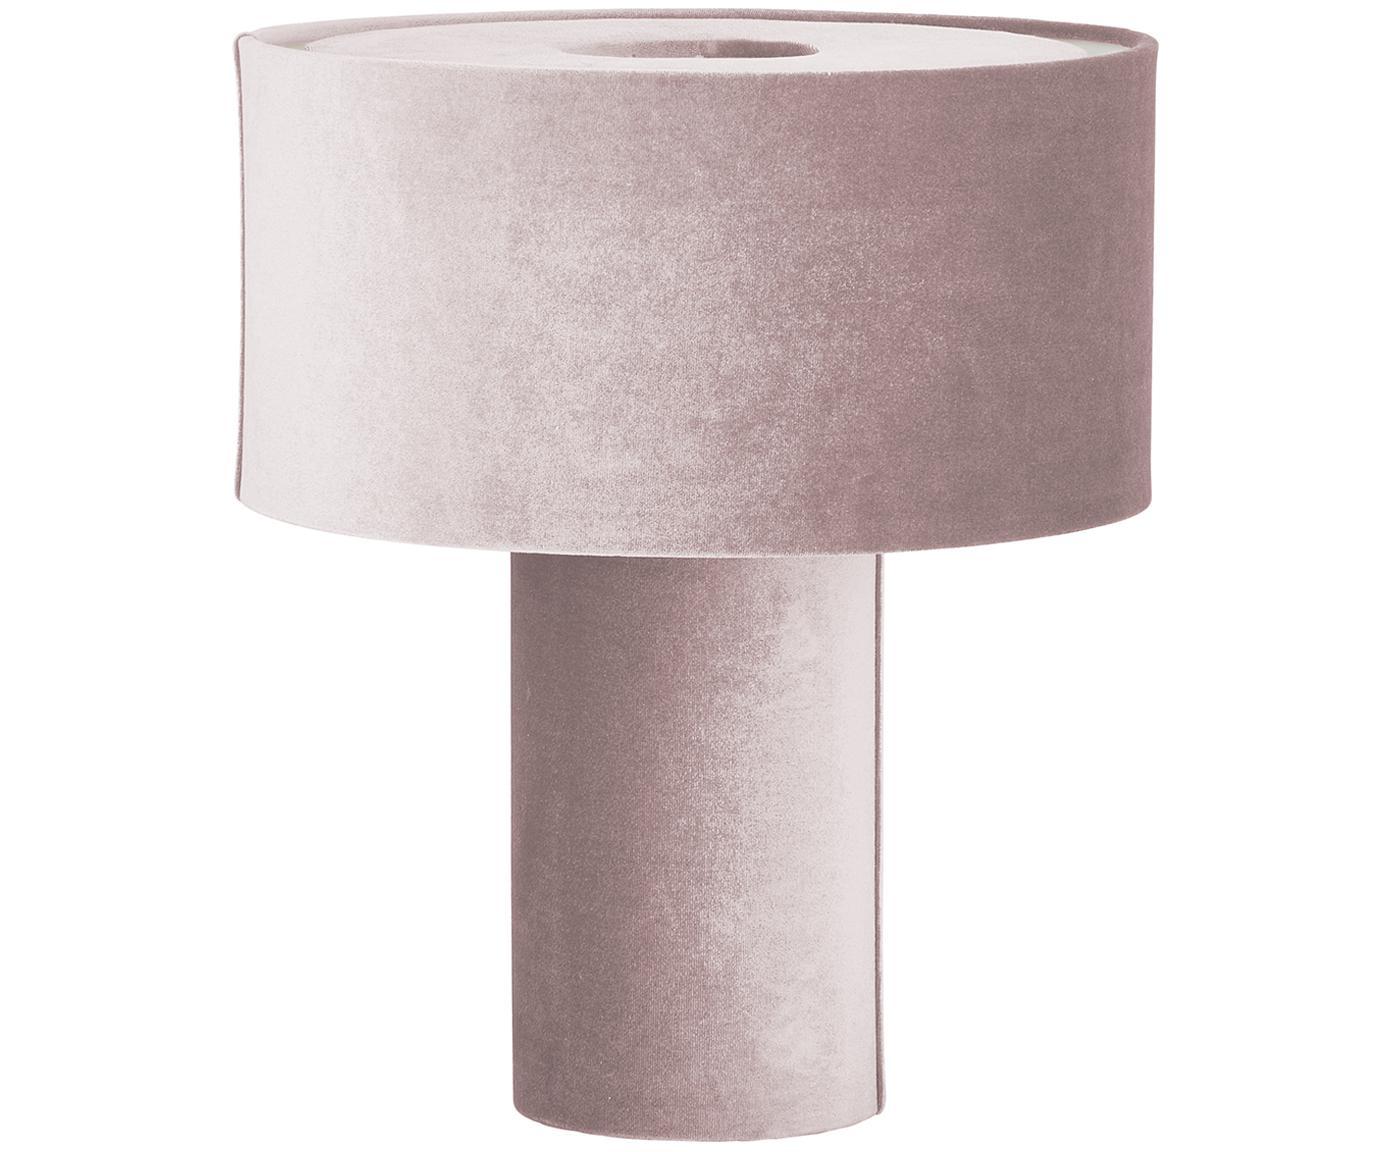 Lampada da tavolo in velluto Frida, Base della lampada: materiale sintetico con r, Paralume: velluto, Rosa, Ø 30 x Alt. 36 cm